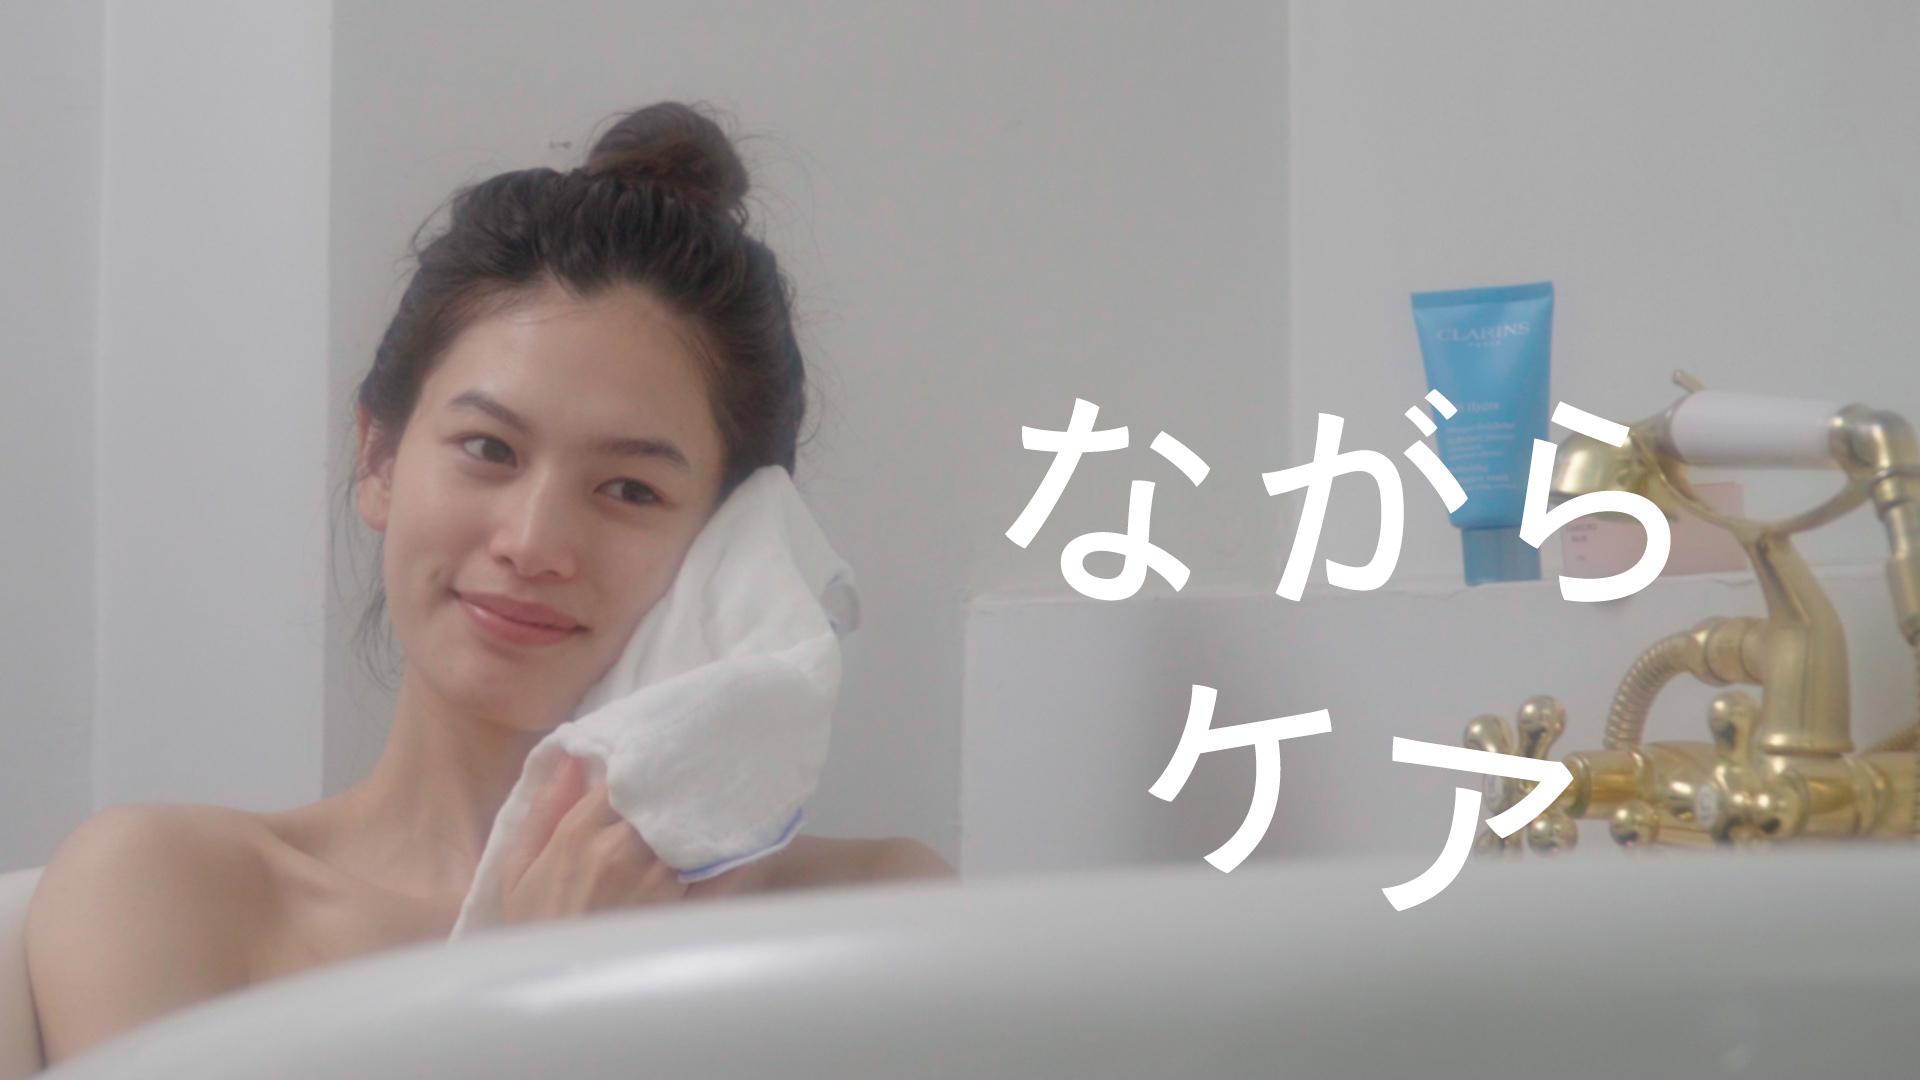 """編集&ライティング:MINE「【休日のご褒美ケア】美肌を育成する""""おうちスパ""""教えます❤︎"""